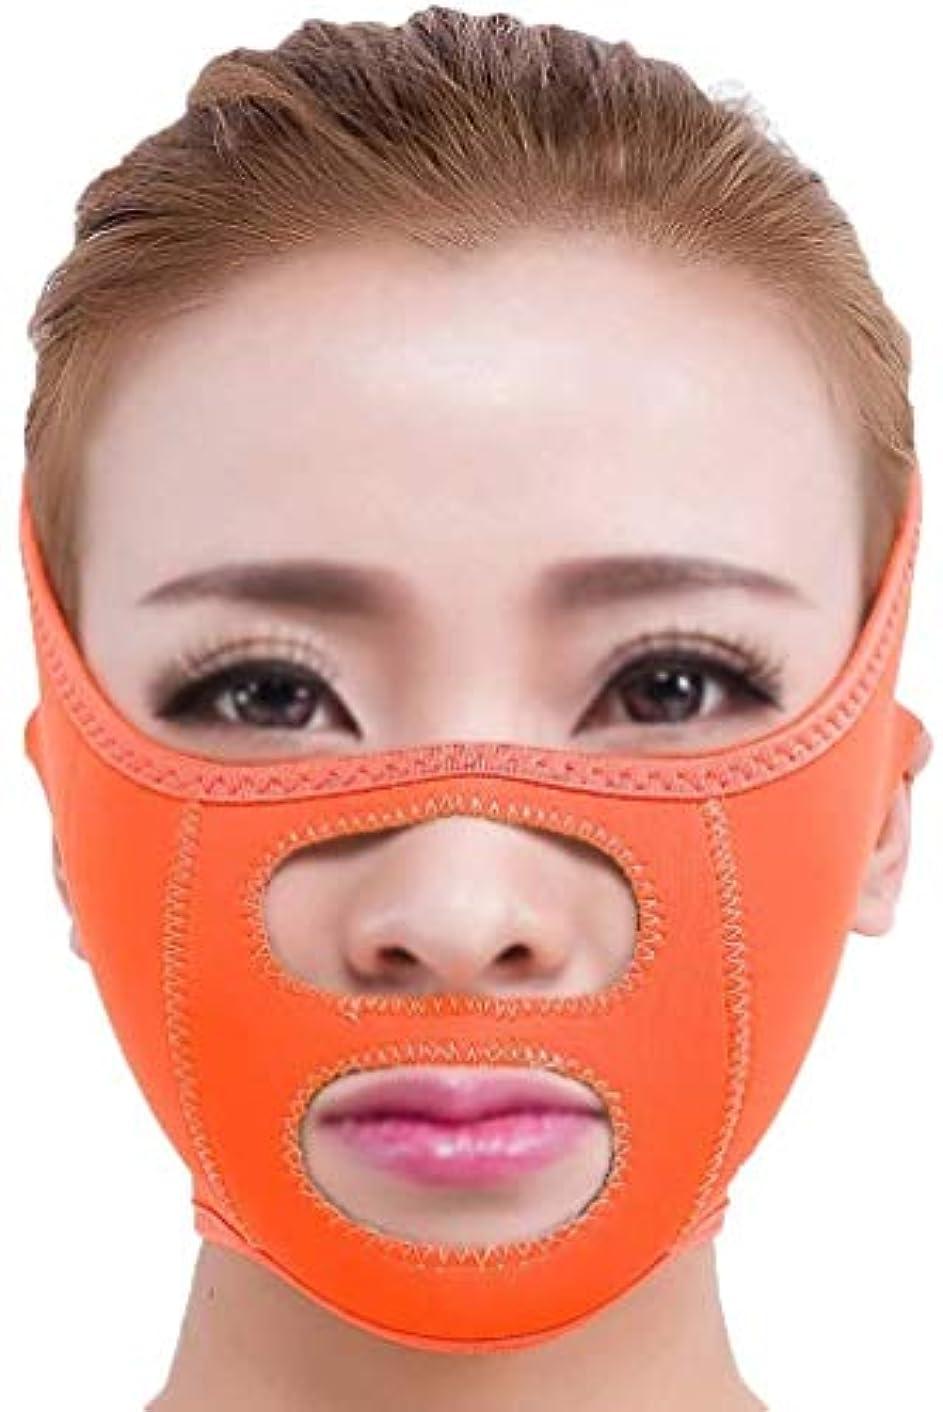 形冒険展開する美容と実用的な小顔ツールV顔包帯顔リフティングフェイシャルマッサージャー美容通気性マスクVフェイスマスク睡眠薄い顔オレンジ